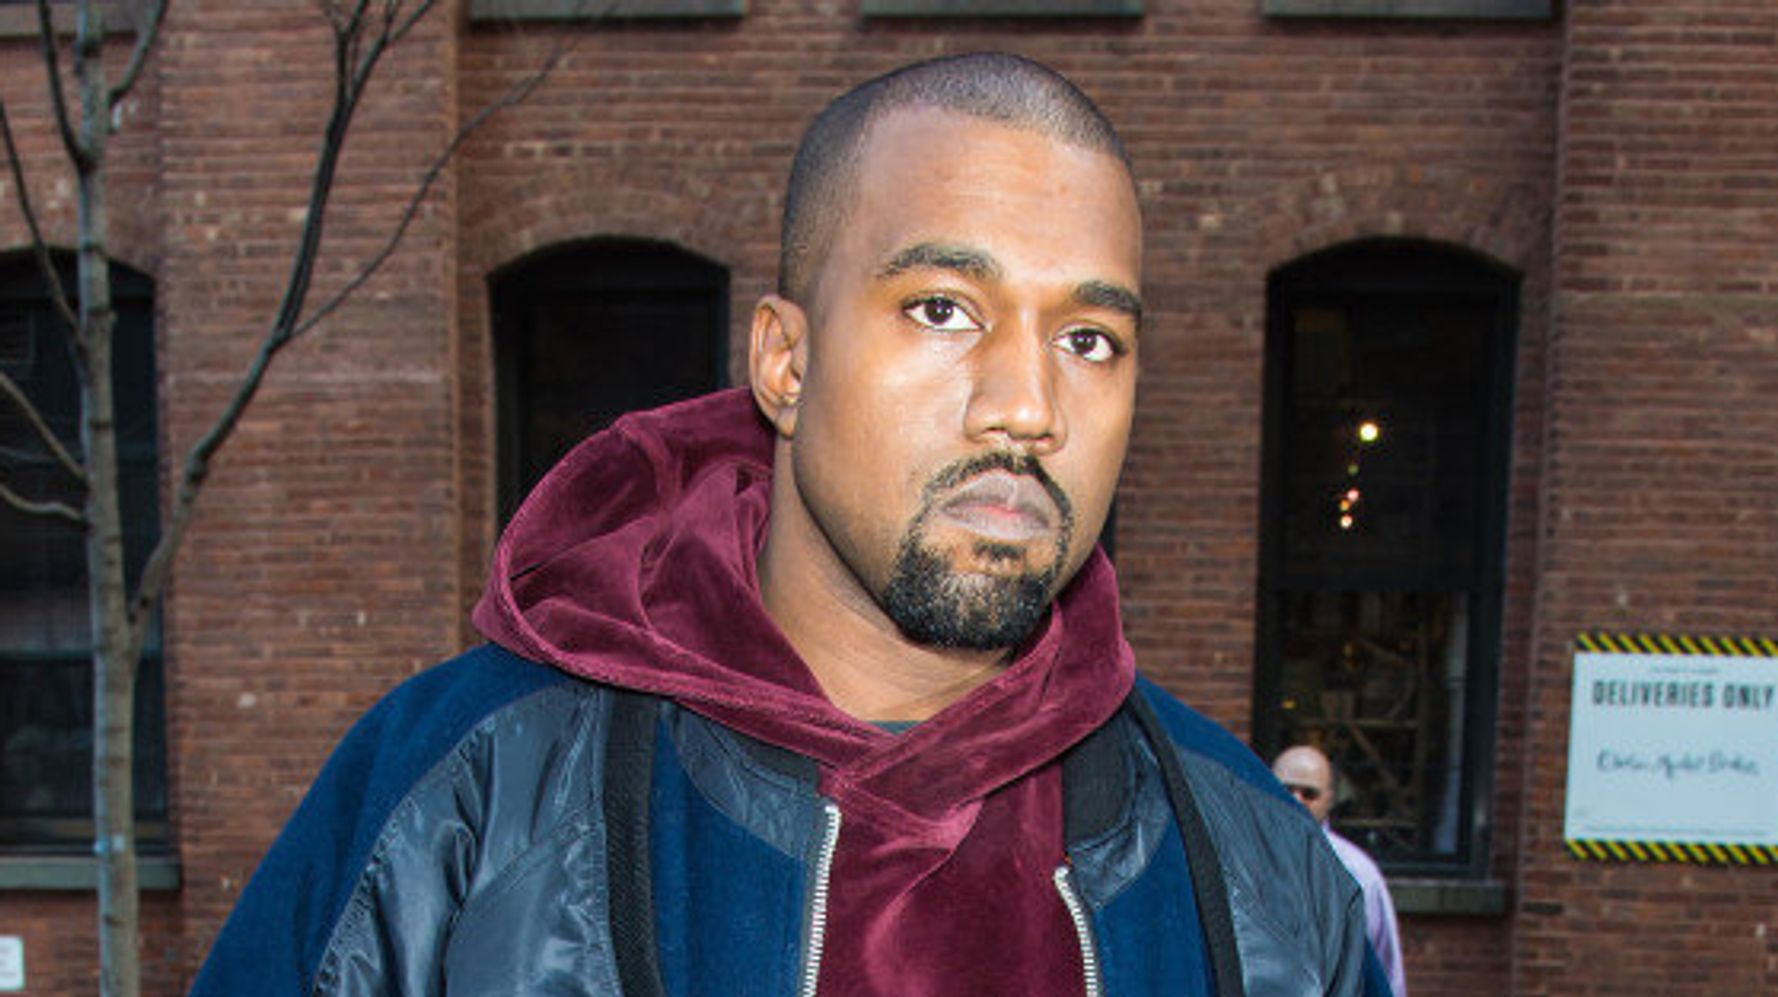 «Kanye is Fashion»: le compte Instagram le plus drôle du moment (PHOTOS)   HuffPost Québec Vivre